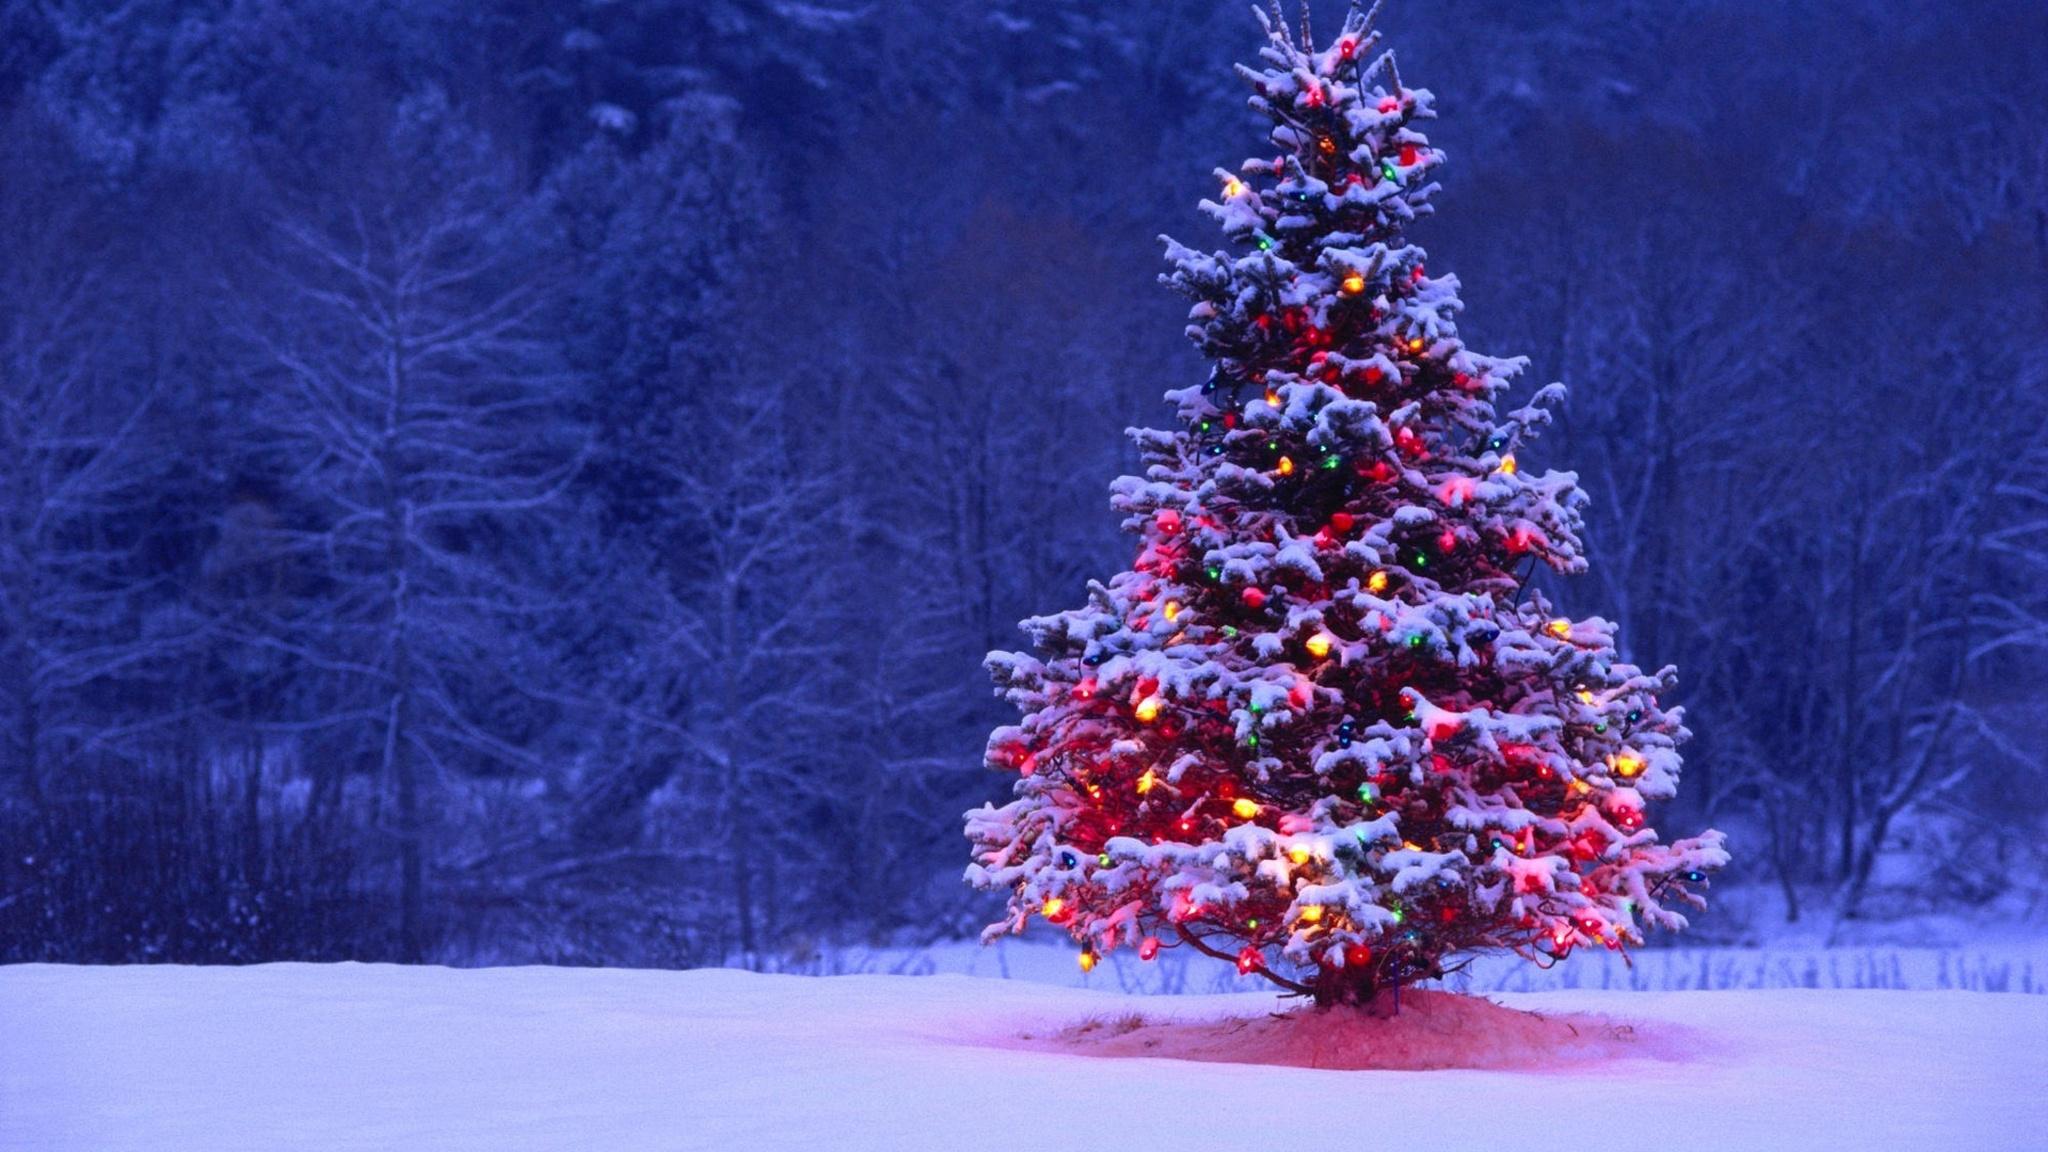 фото новогодних елок высокого качества прайма просторах